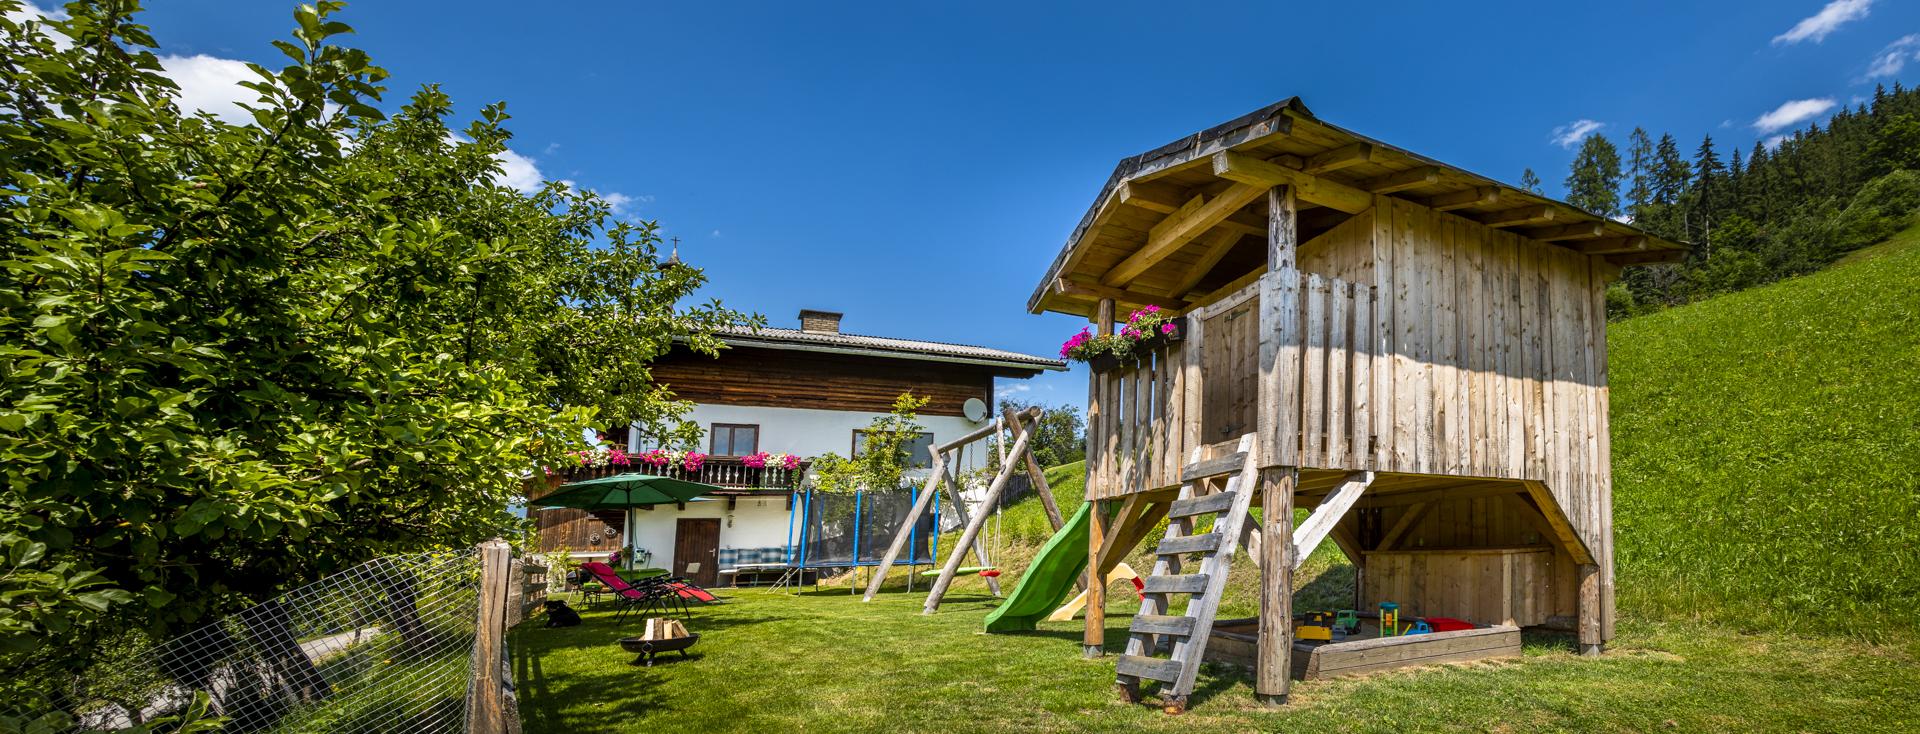 Bauernhof Griesbauer Wagrain Spielplatz